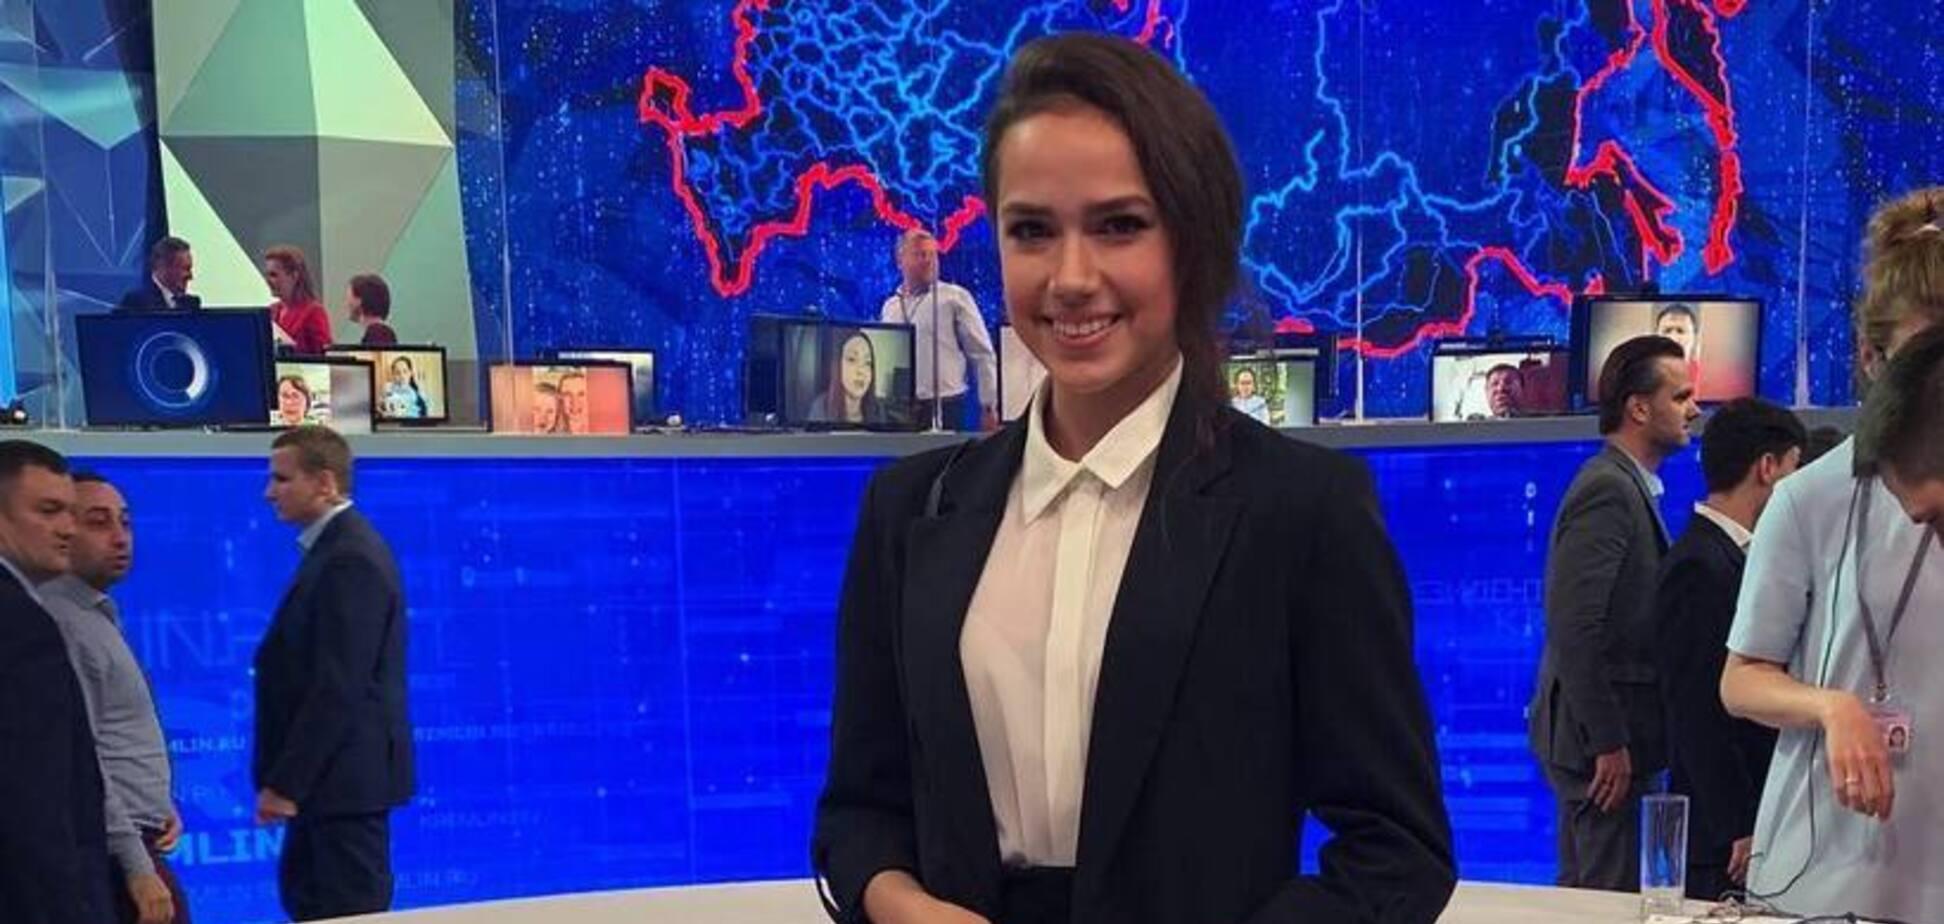 Олимпийская чемпионка побывала на 'Прямой линии' Путина и поплатилась